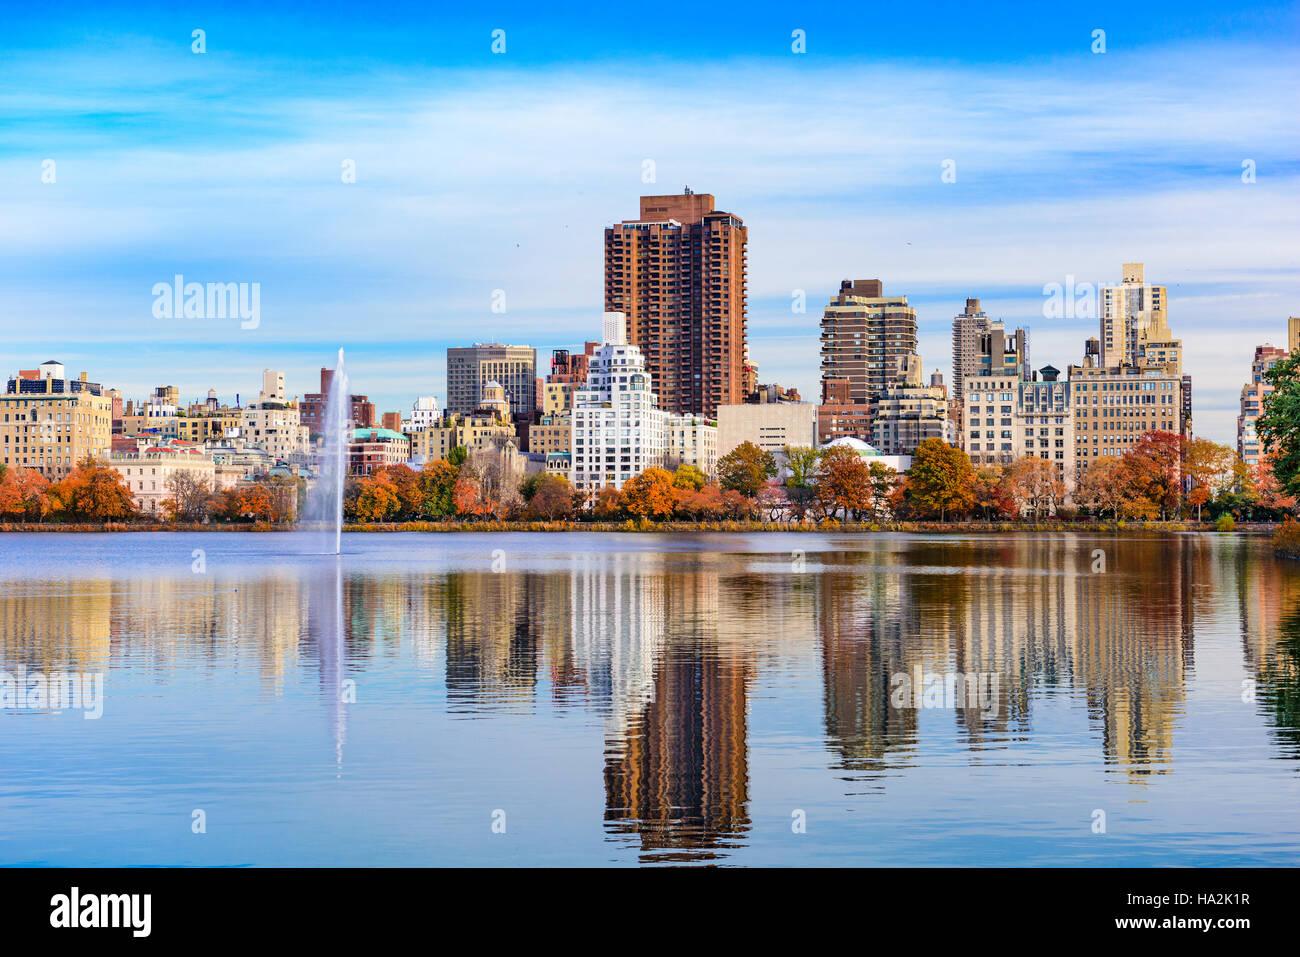 La Ciudad de Nueva York, en Central Park en otoño. Imagen De Stock